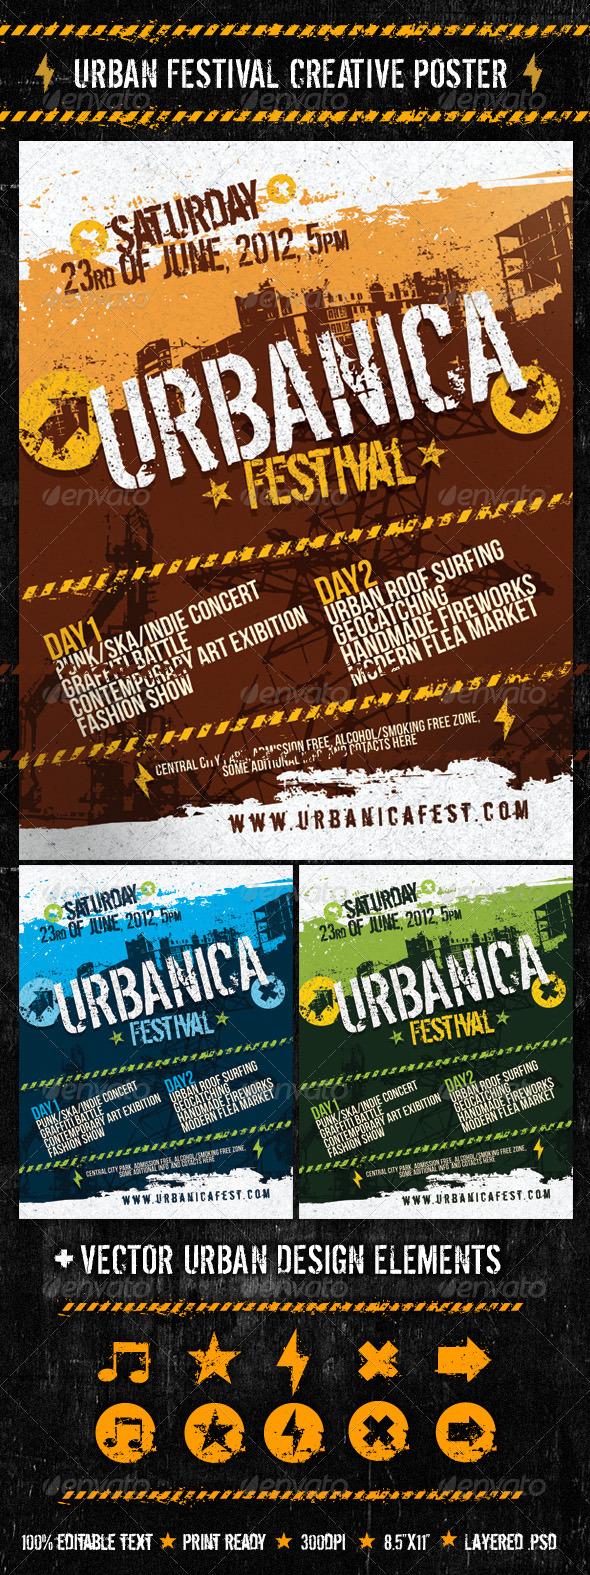 GraphicRiver Urban Festival Creative Poster 1229148